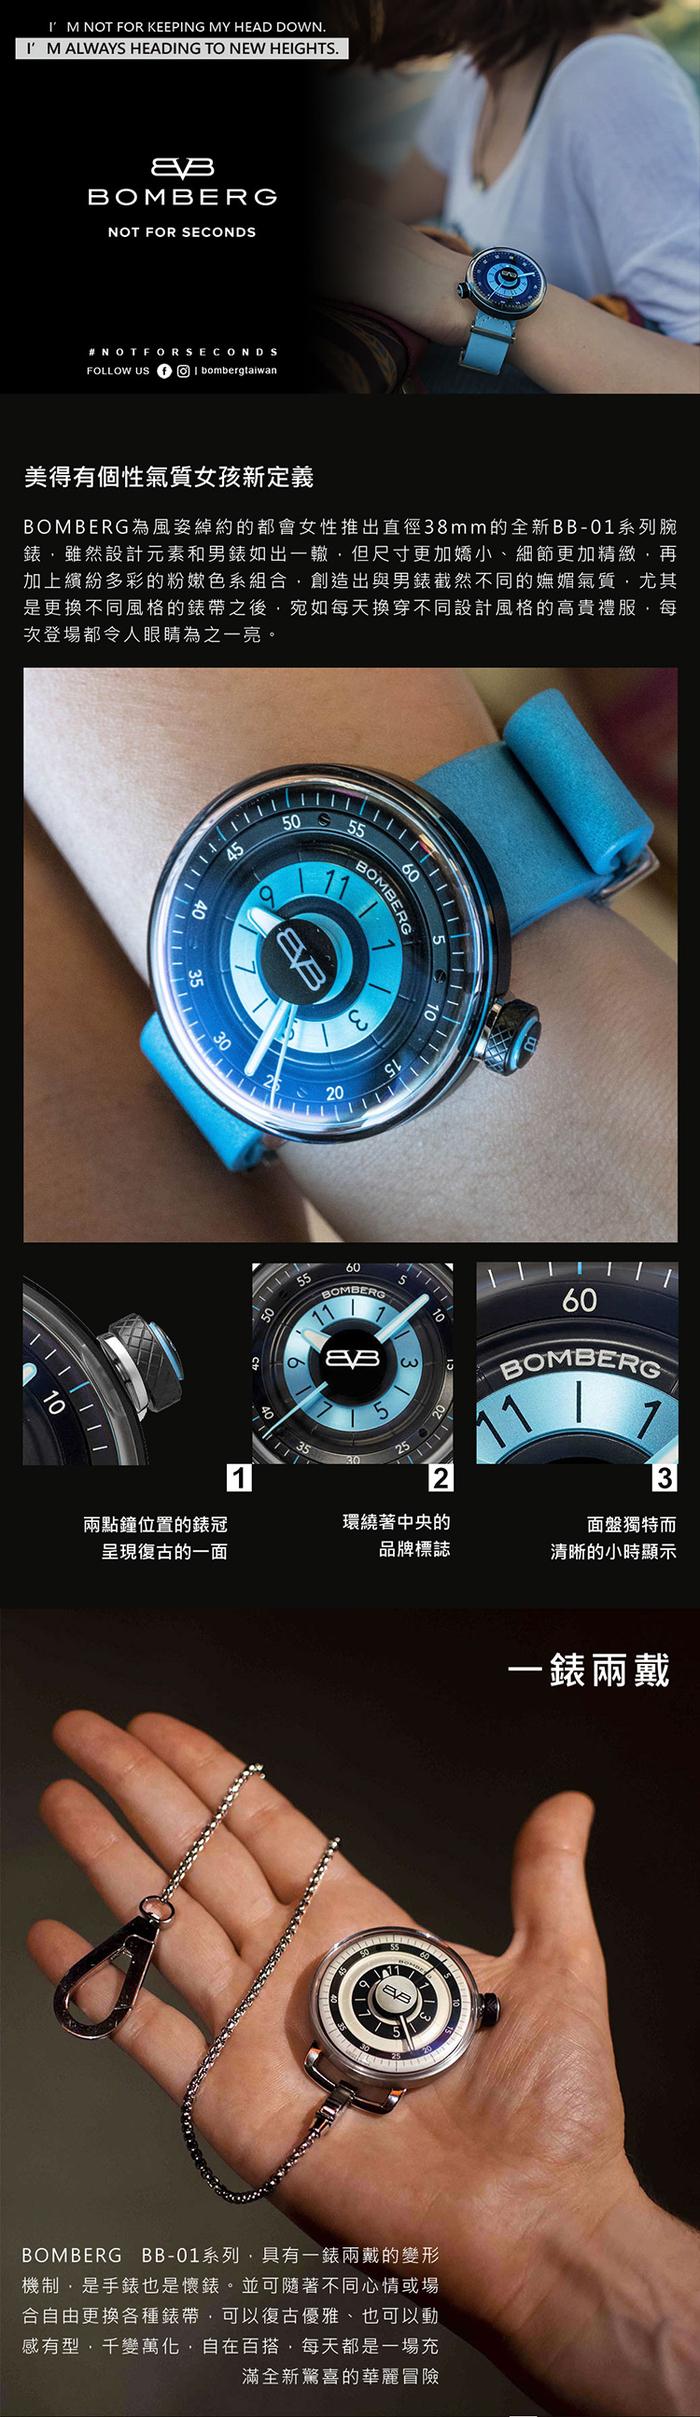 BOMBERG | BB-01 藍色皮錶帶錶款 | 錶徑 38mm